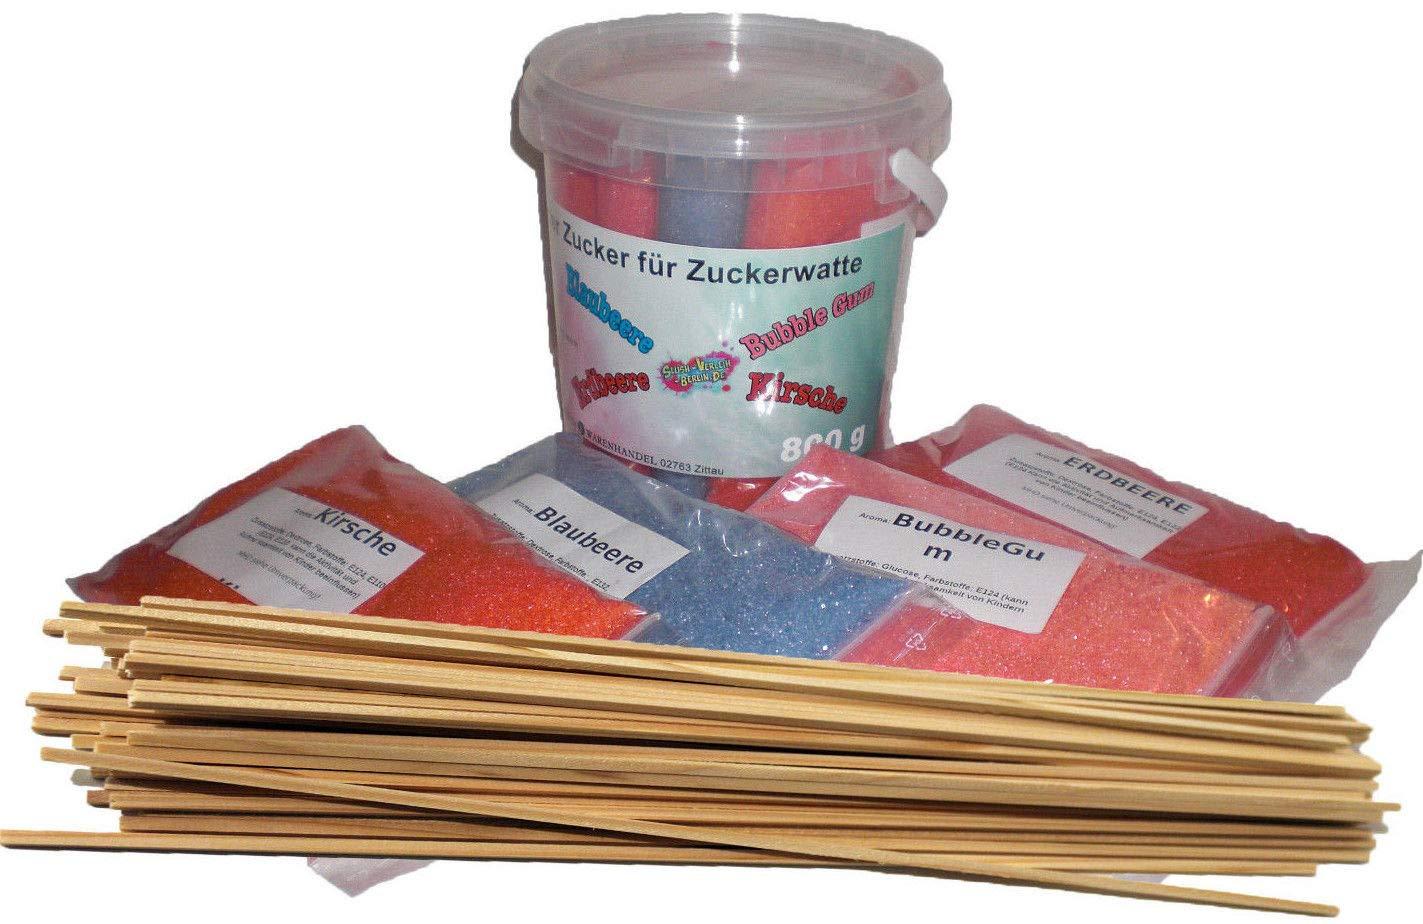 Zucker für bunte Zuckerwatte mit Geschmack 4x200g - Kirsche - Erdbeere - Blaubeere - Bubble Gum + 50 Zuckerwattestäbe/Perfekt für jede Zuckerwattemaschine geeignet   800 Gramm gesamt